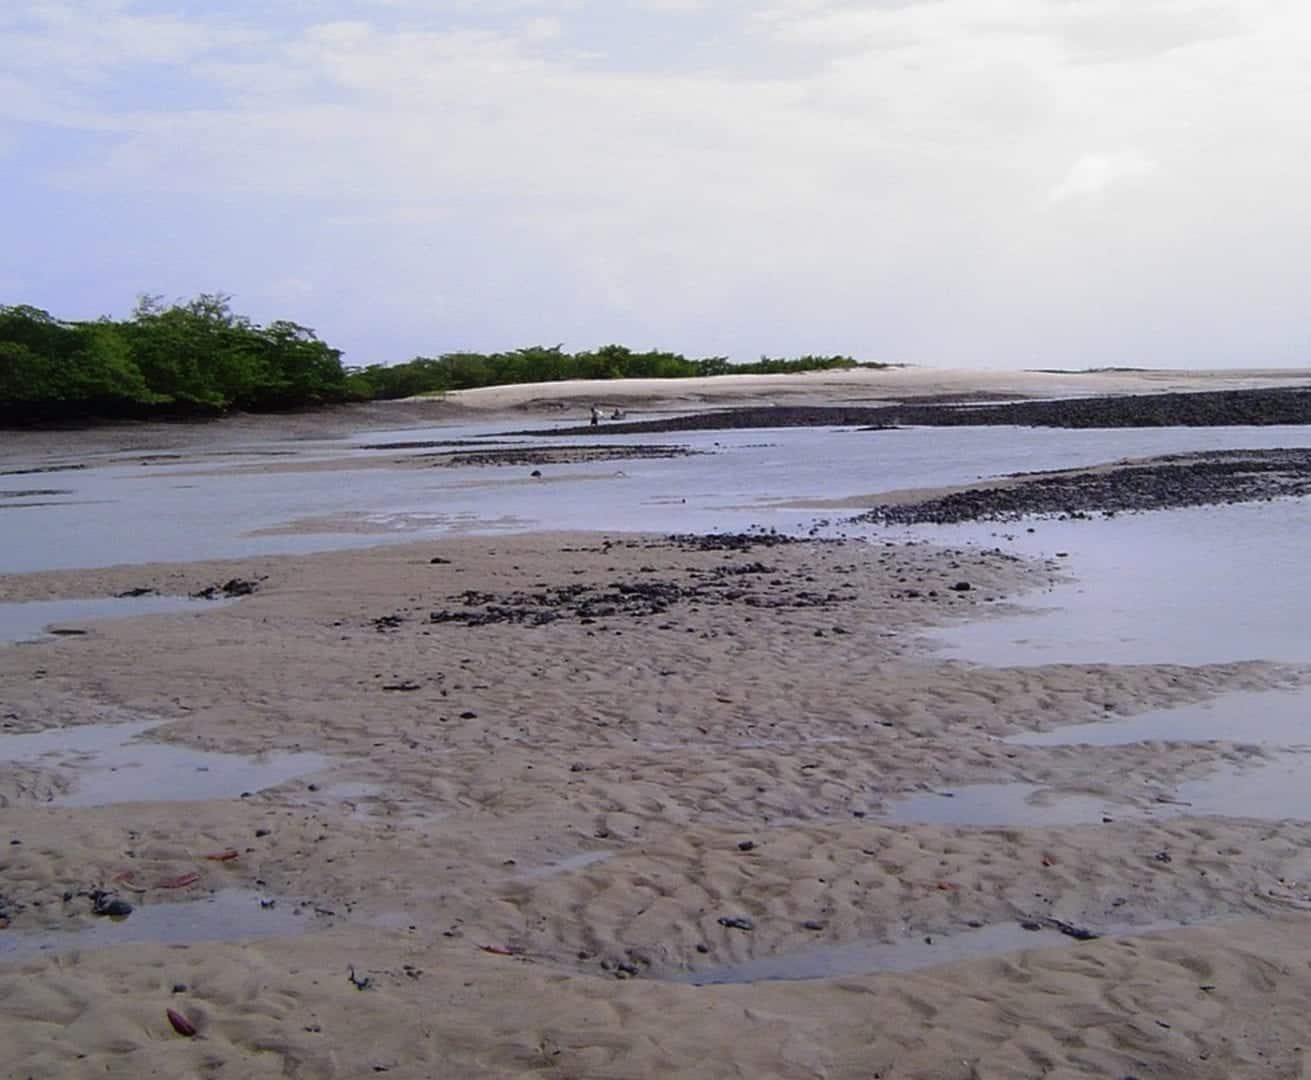 Areia movediça - Como e onde se formam, riscos e dicas para escapar